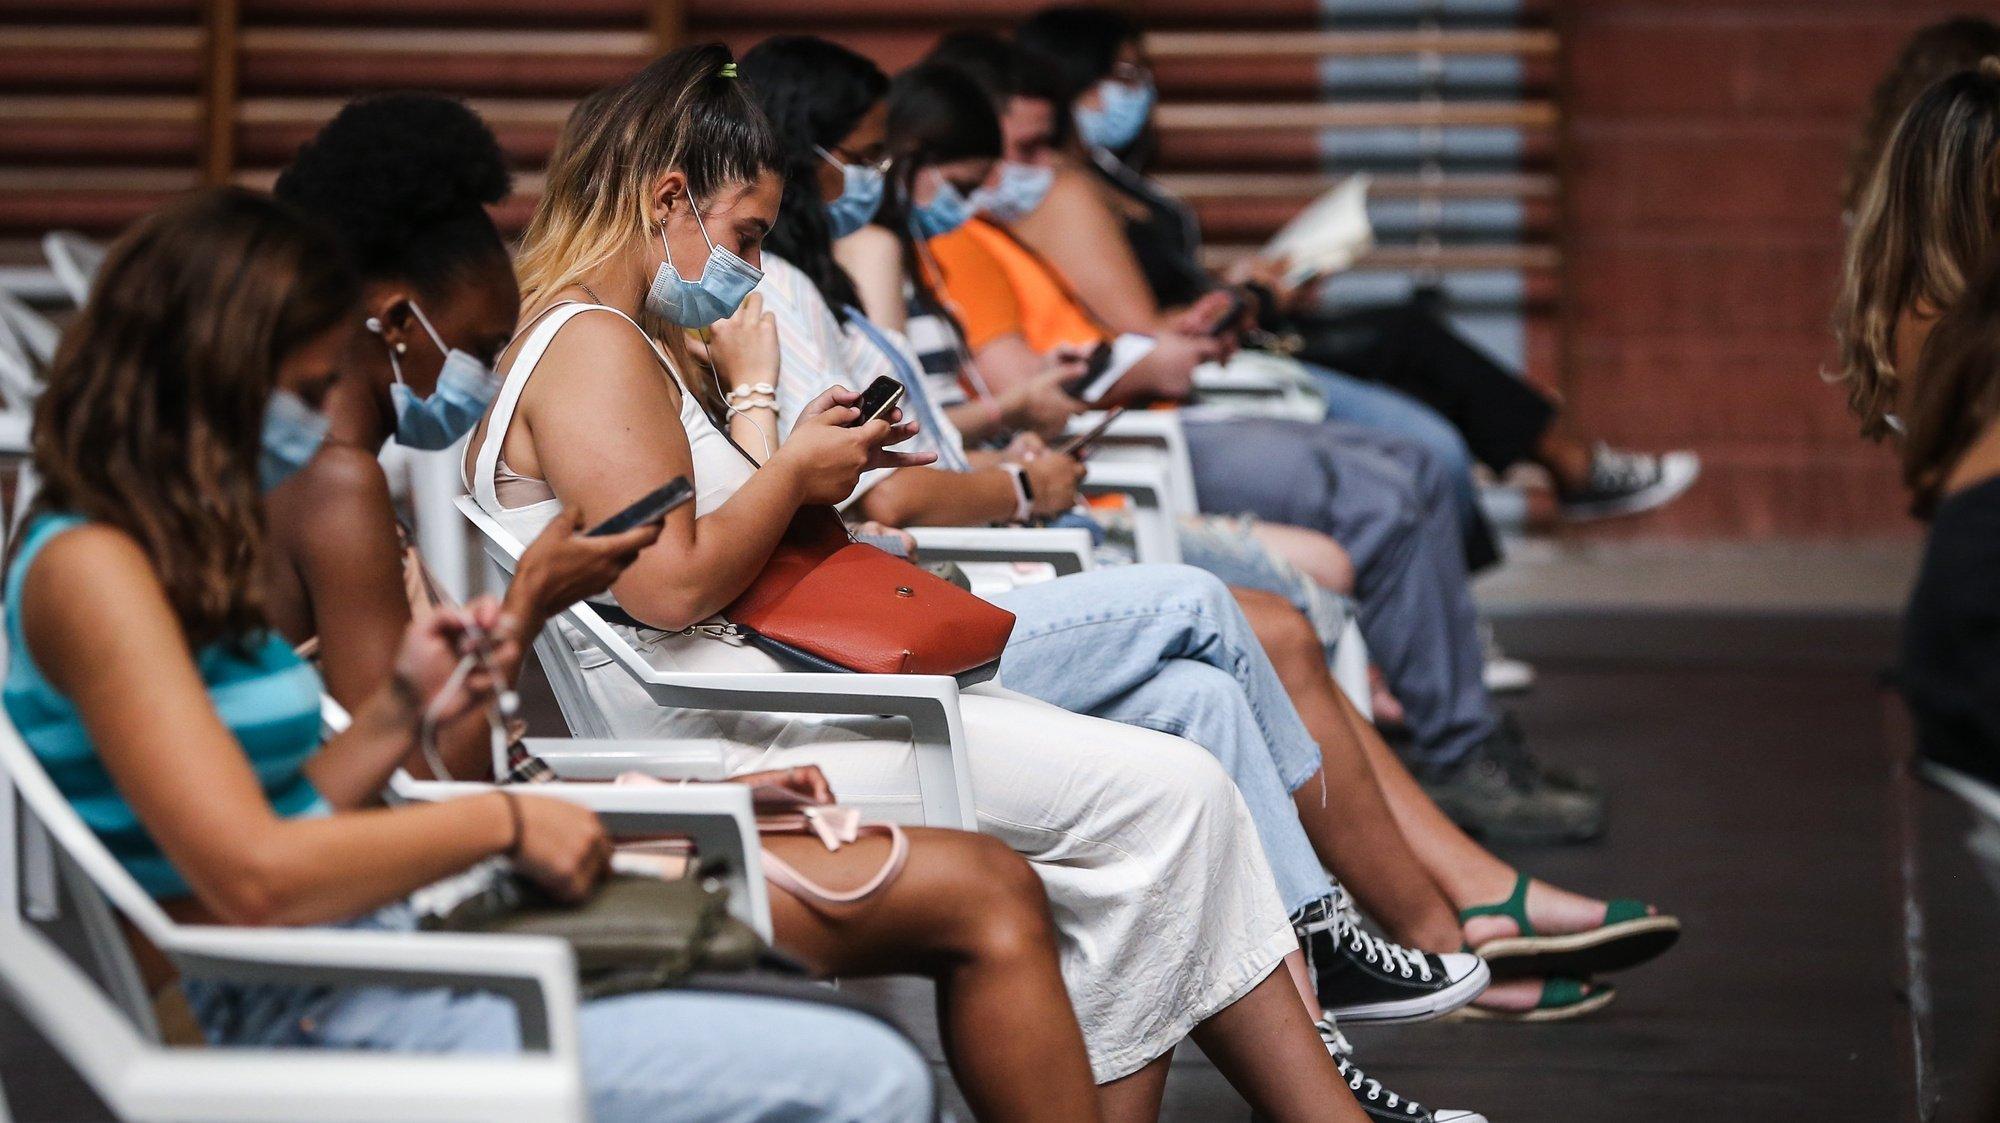 Adolescentes no Centro de Vacinação de Loures durante o fim de semana de vacinação de jovens de 16 e 17 anos, no Pavilhão António Feliciano Bastos, em Loures , 14 de agosto de 2021.  RODRIGO ANTUNES/LUSA